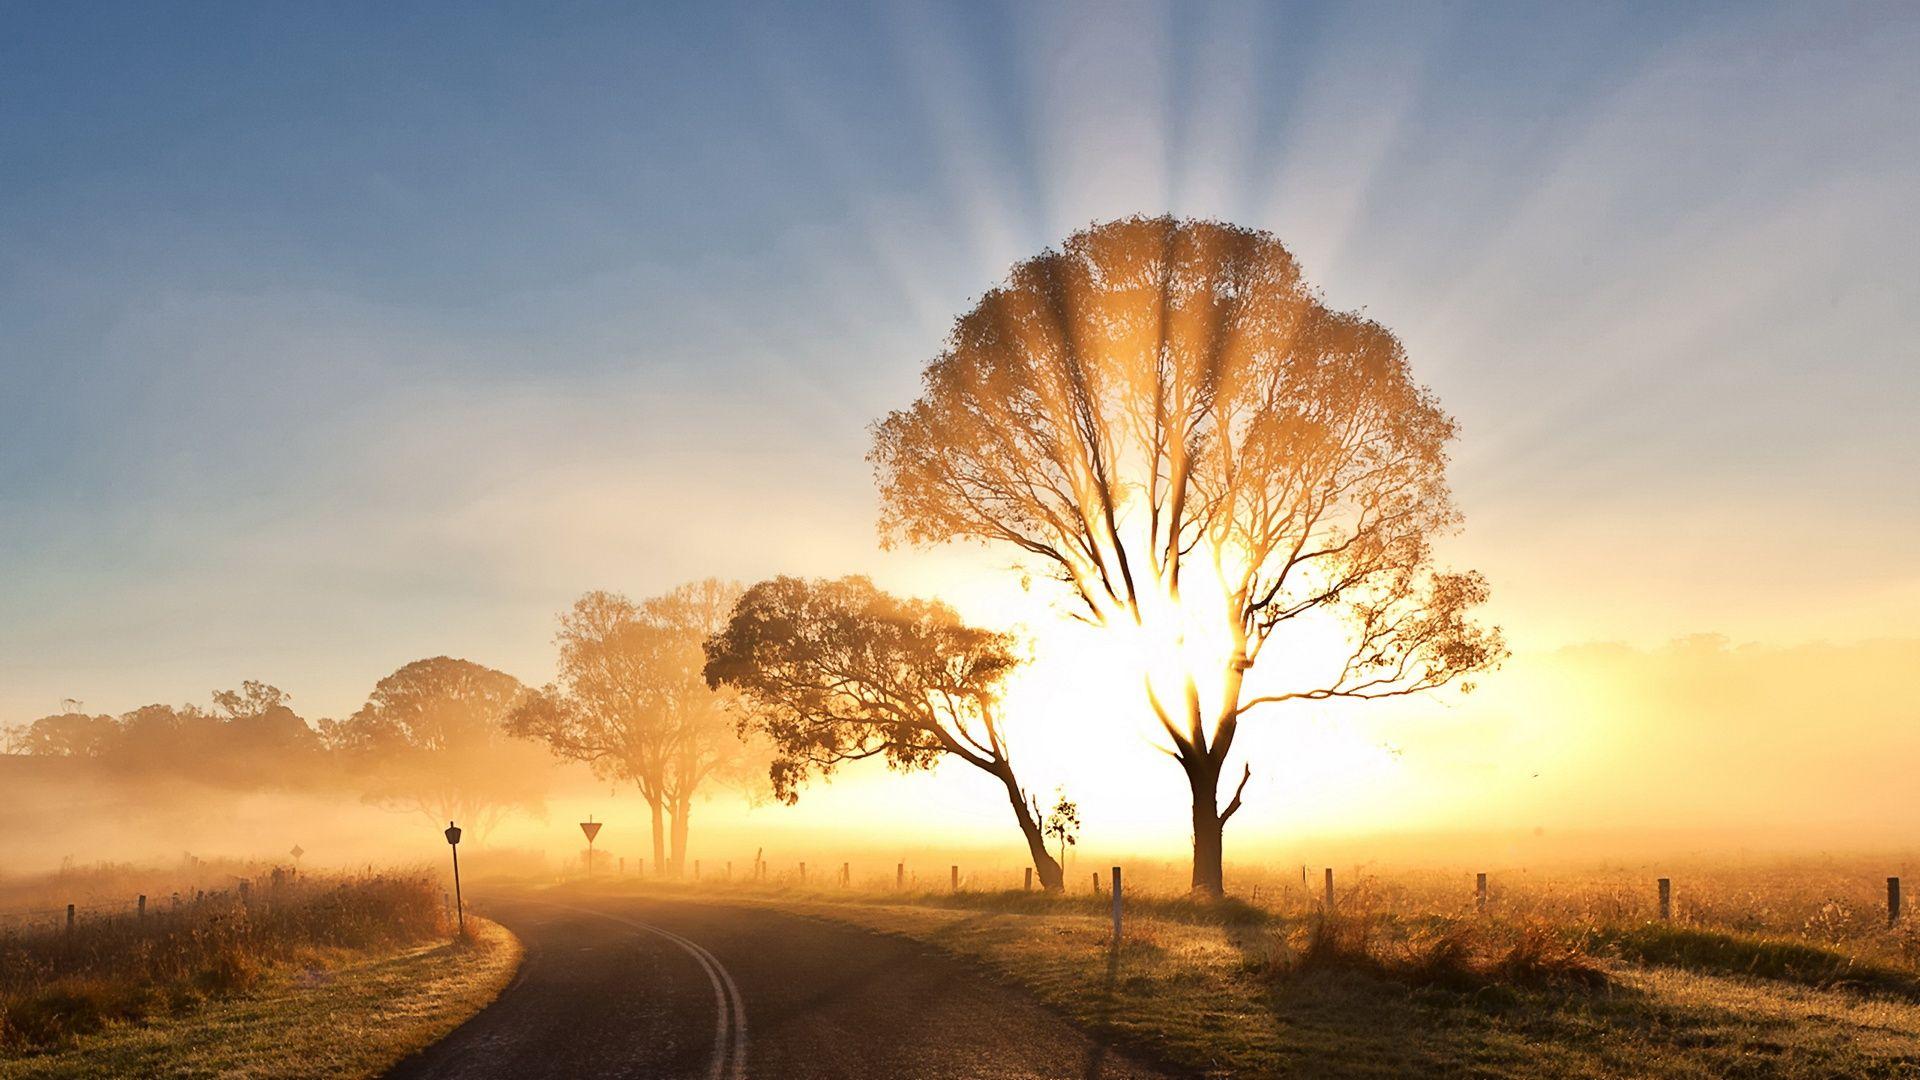 free sunrise images